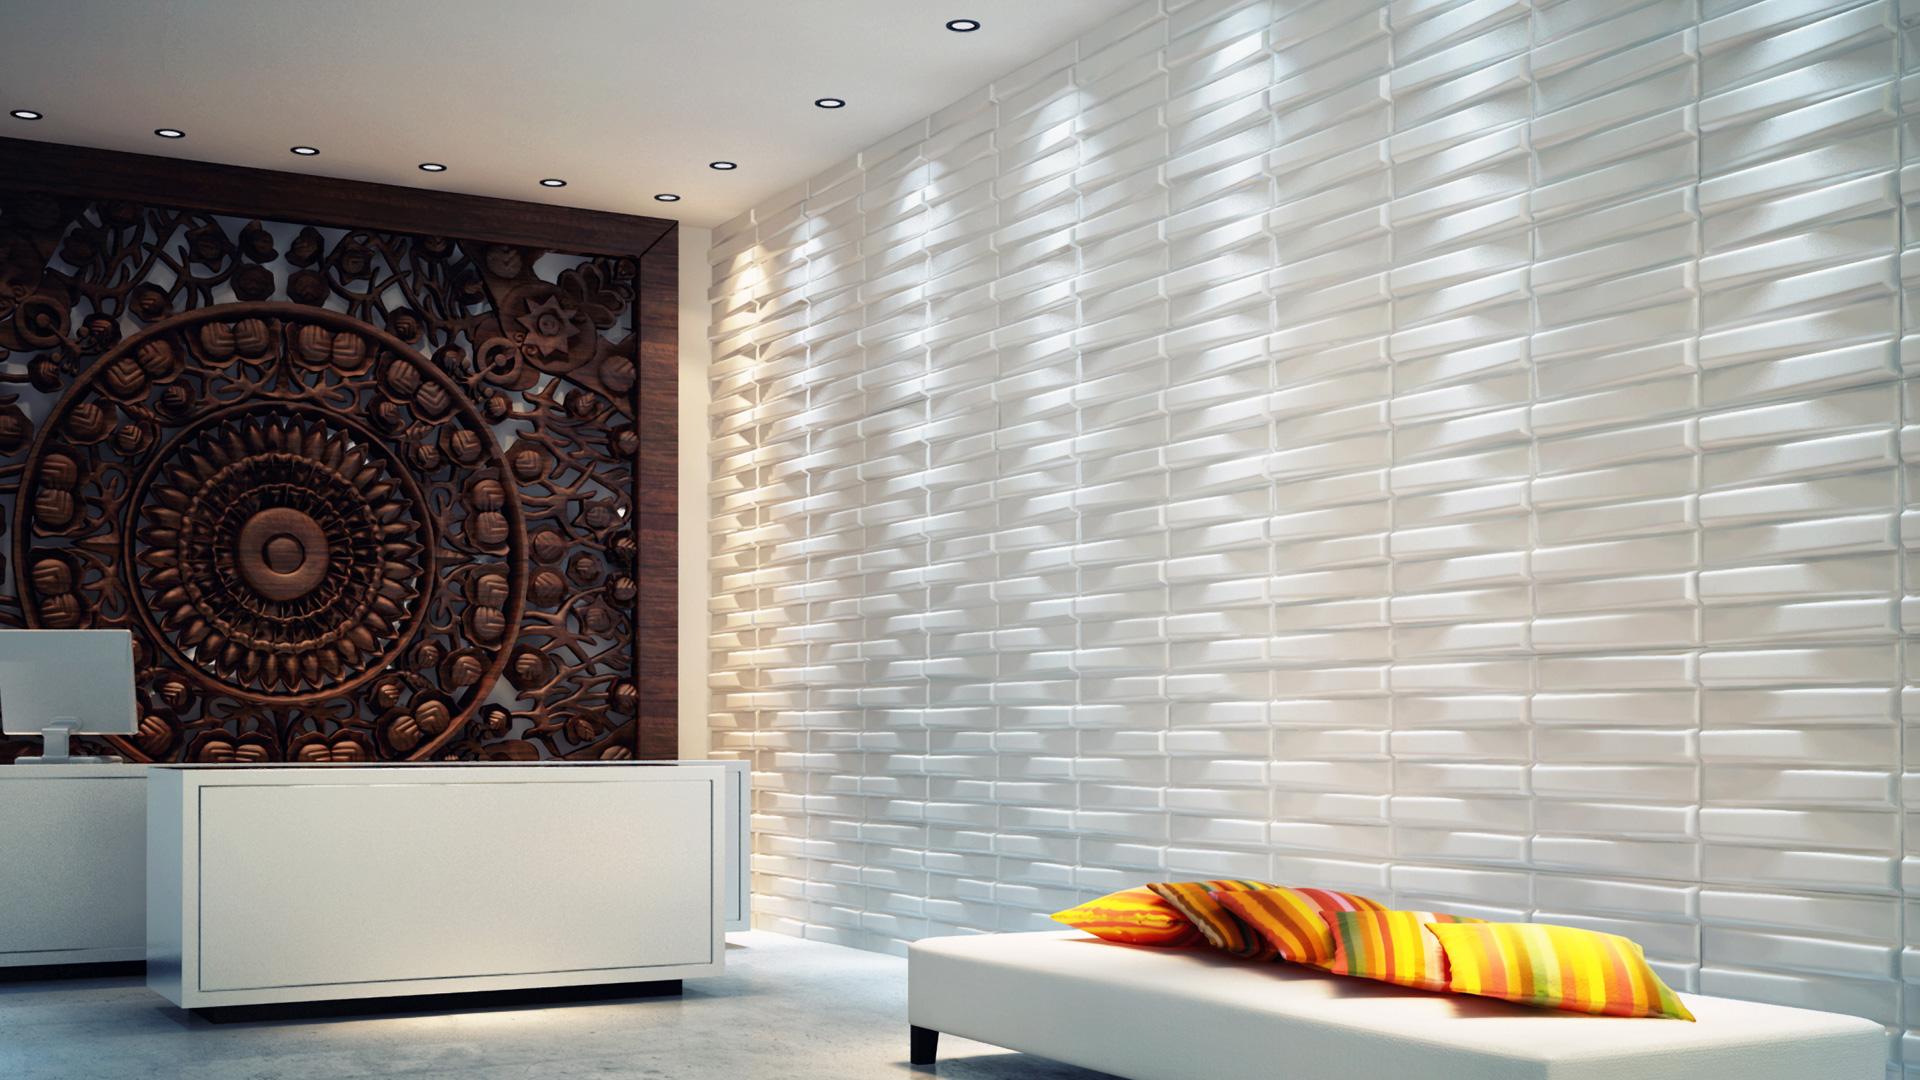 Büro design ideen  Büro und Besprechungsraum • 3D Wandpaneele | Deckenpaneele ...